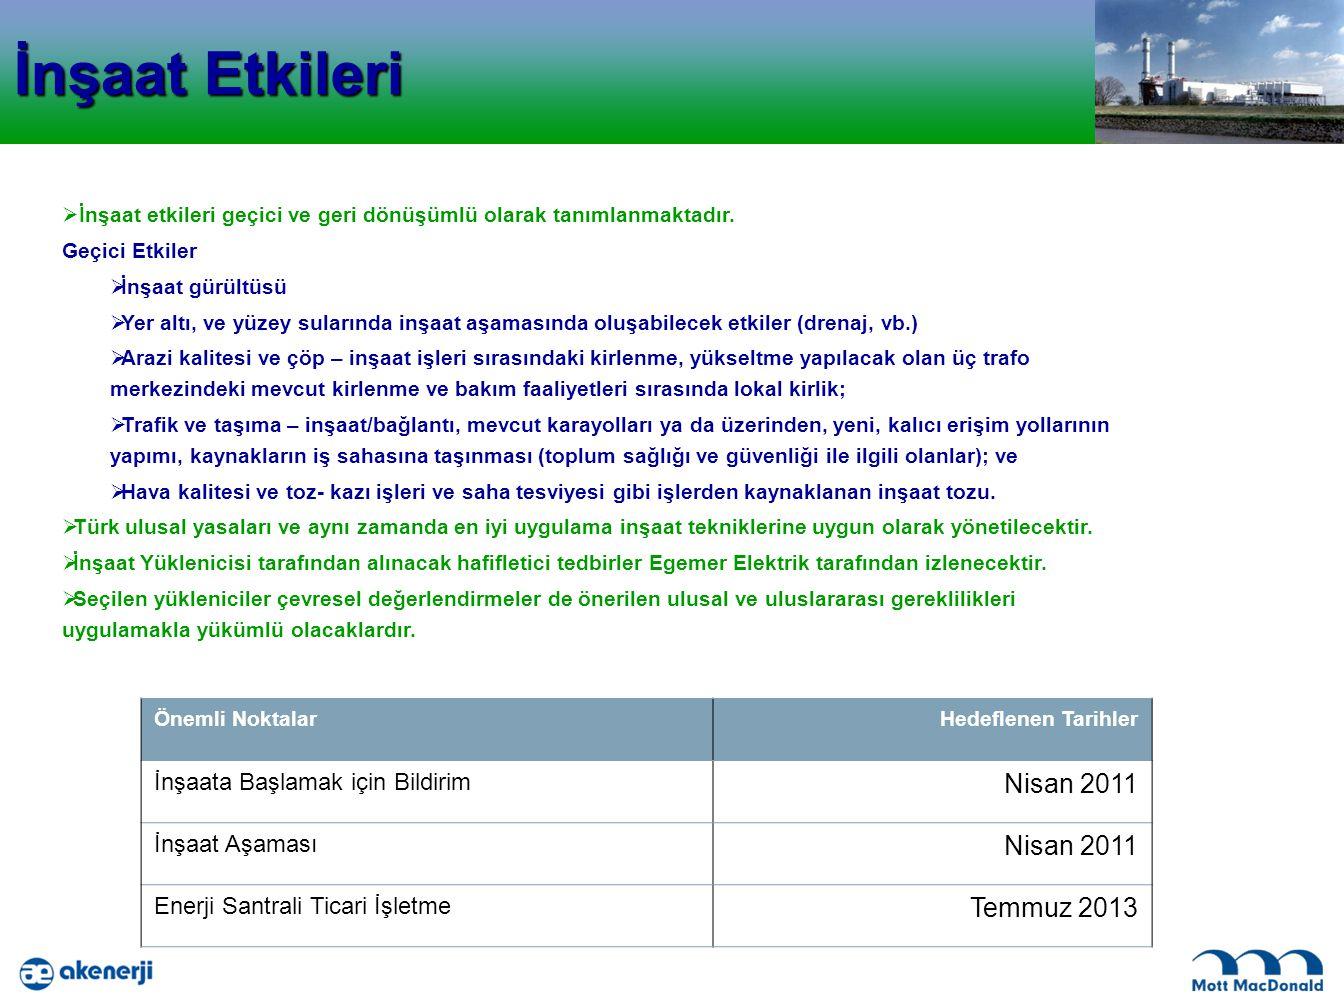 İnşaat Etkileri Nisan 2011 Temmuz 2013 İnşaata Başlamak için Bildirim